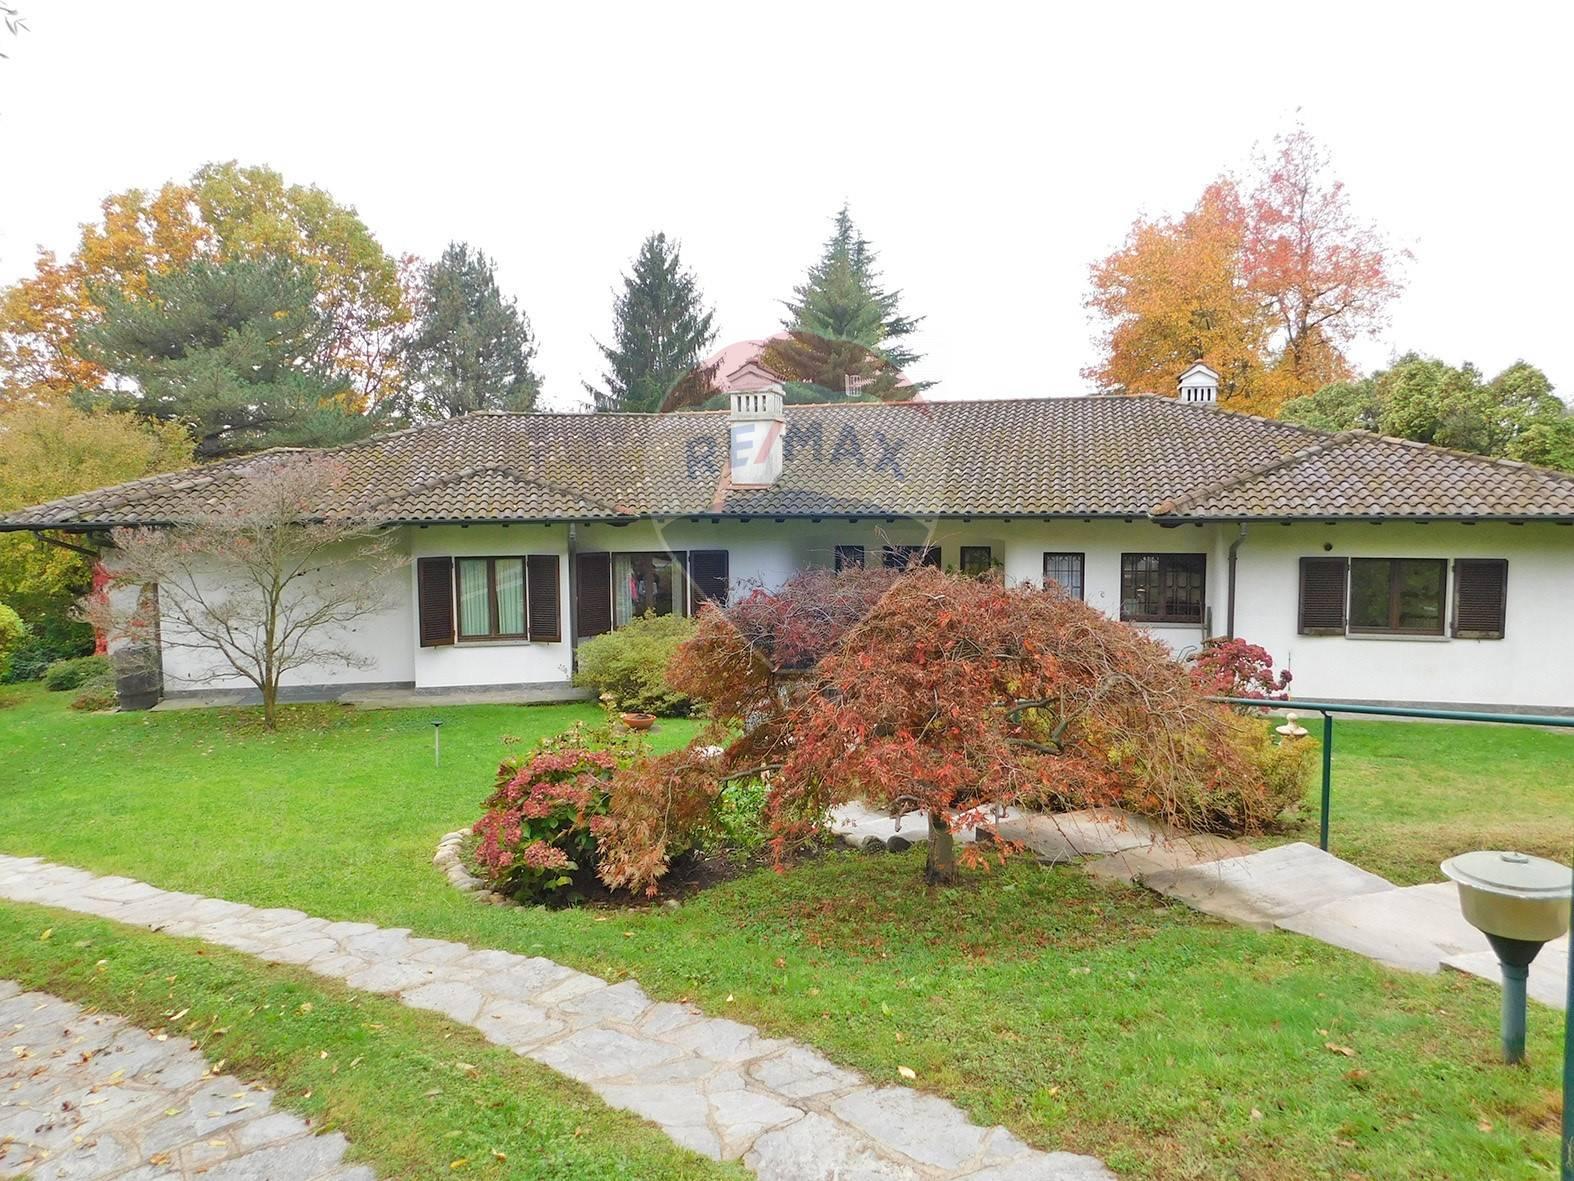 Villa in vendita a Luvinate, 11 locali, zona Località: ilCastello, prezzo € 850.000 | CambioCasa.it